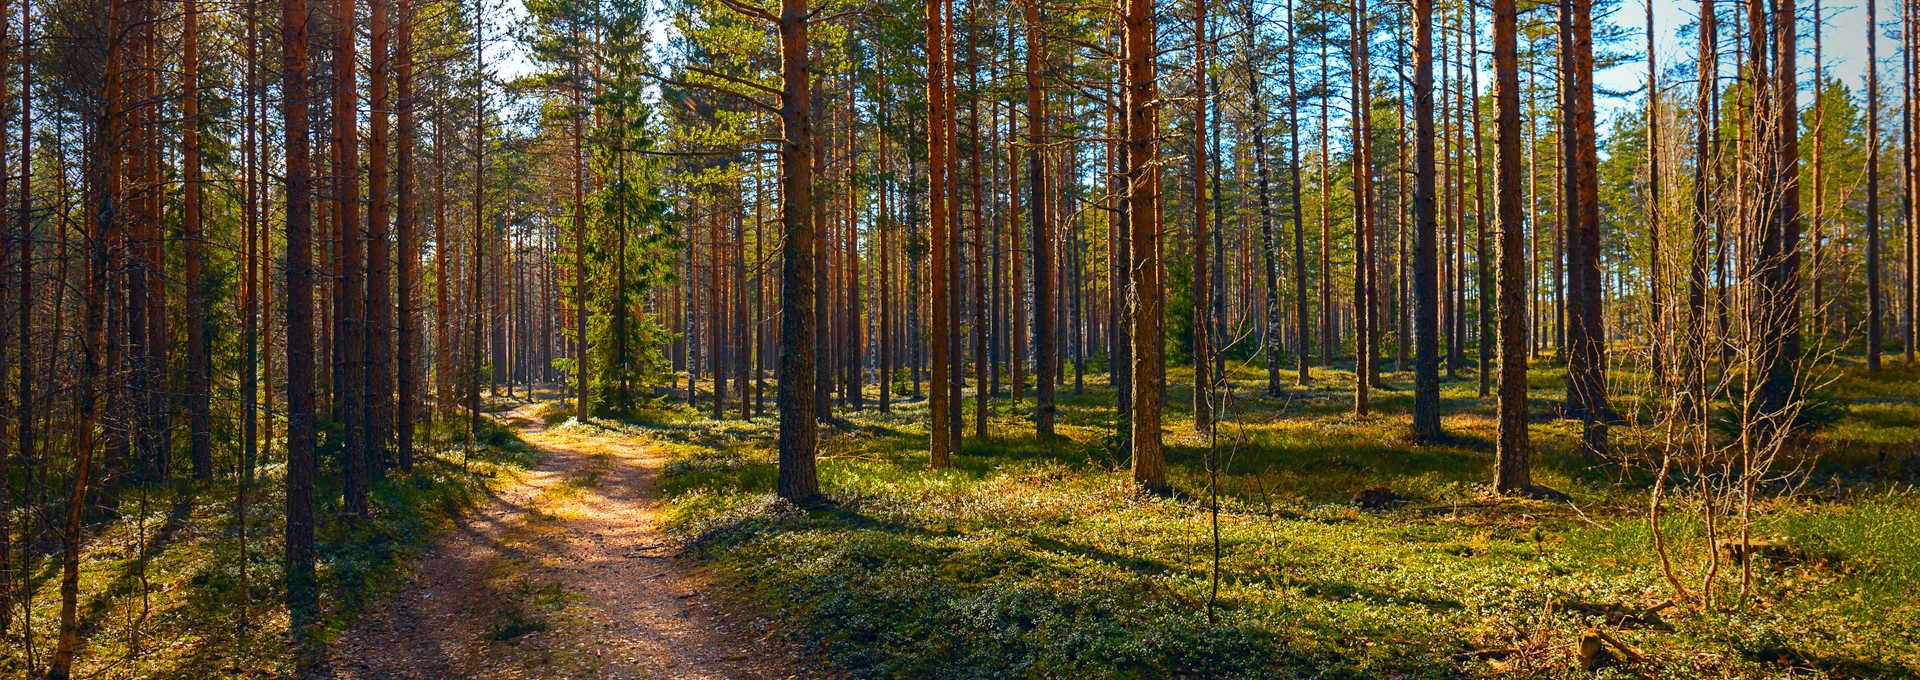 Taïga l'été en Laponie, Finlande